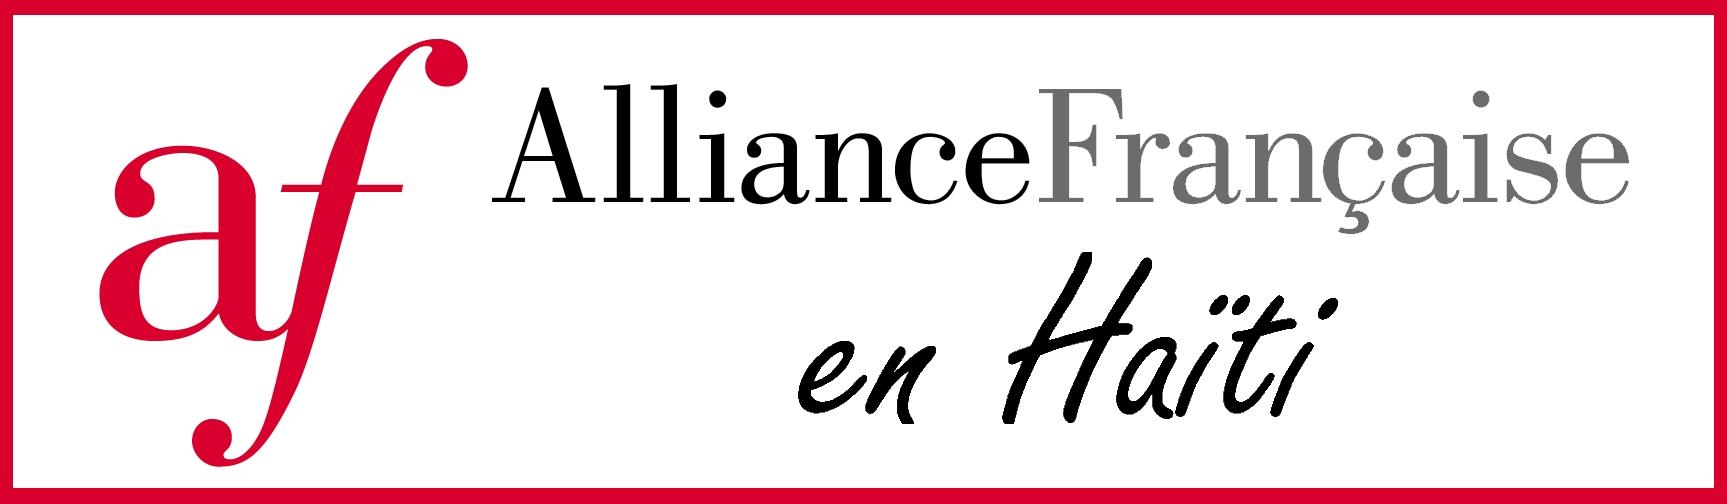 Alliance Française en Haïti